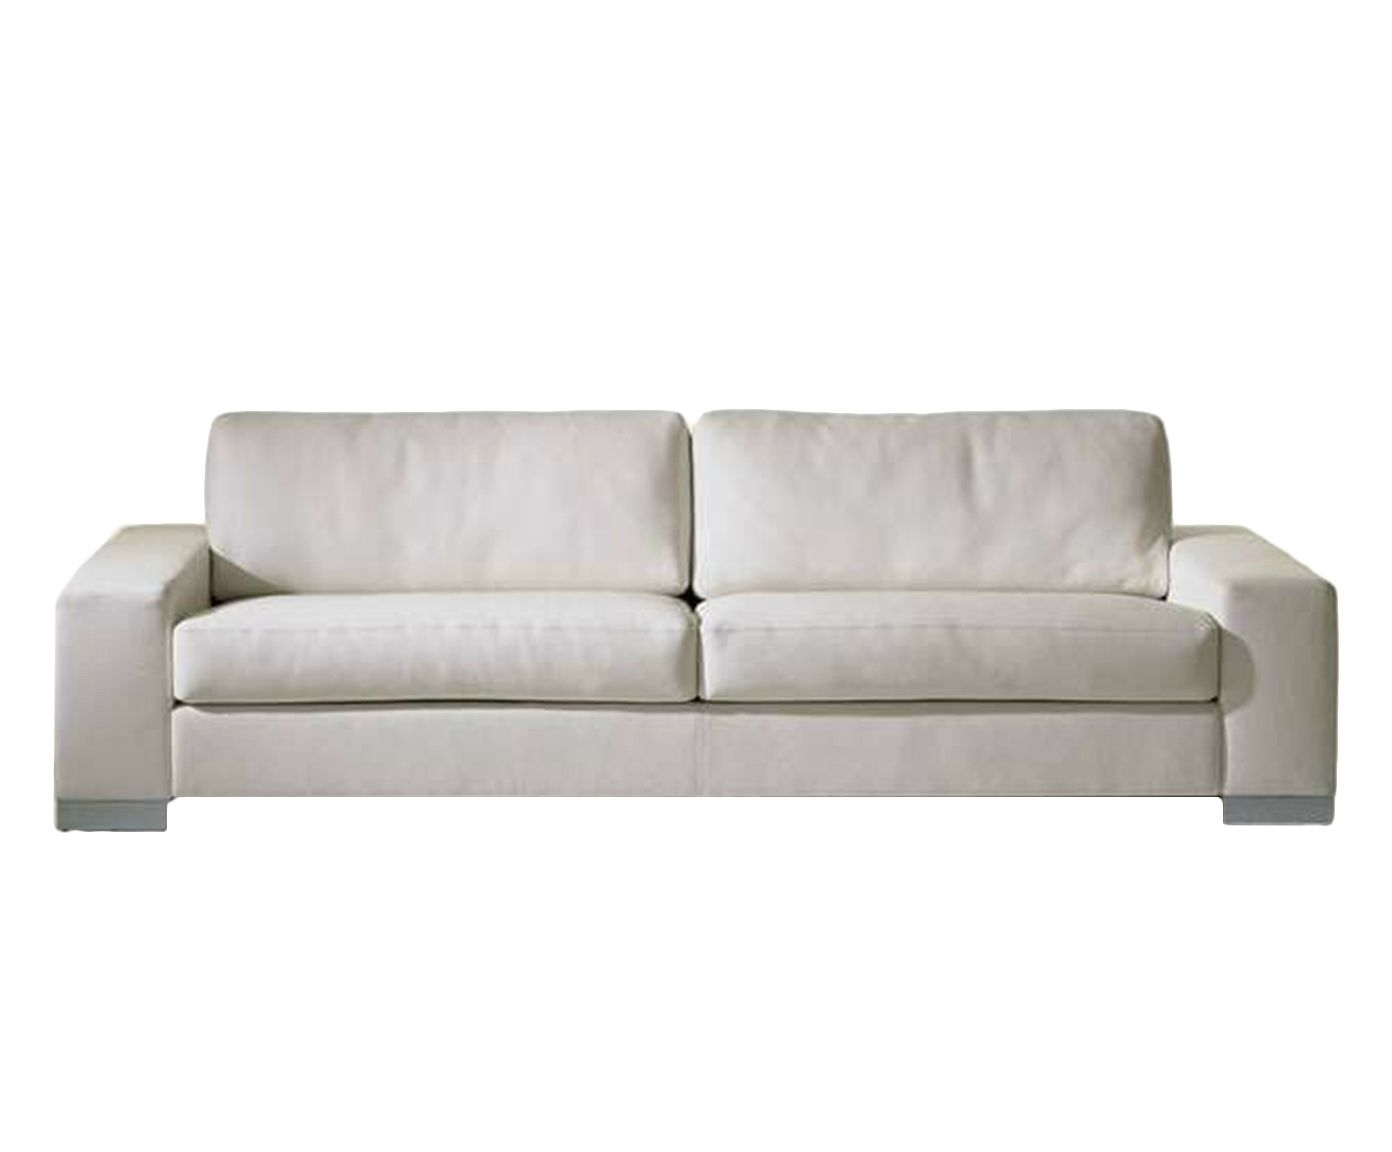 Sofá em Couro Nature Branco - 160X85X85cm | Westwing.com.br